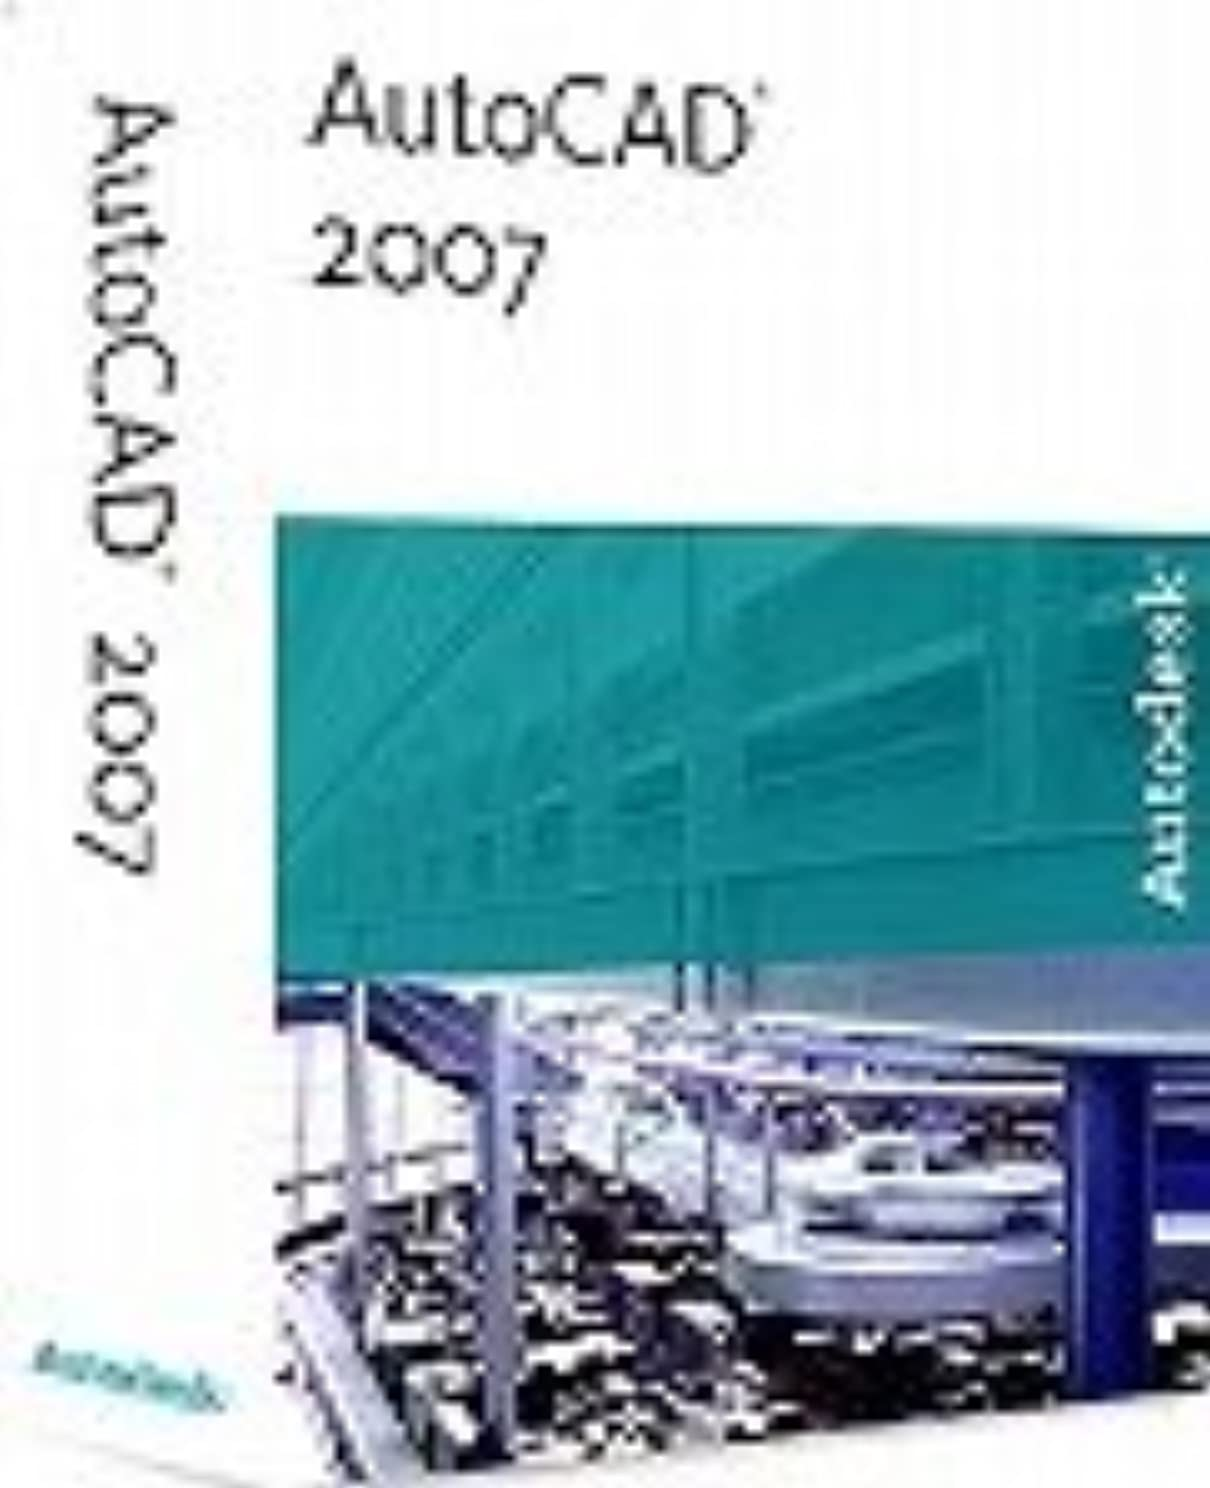 インタフェース逸脱霜AutoCAD 2007 教育機関限定 スタンドアロン 学生版